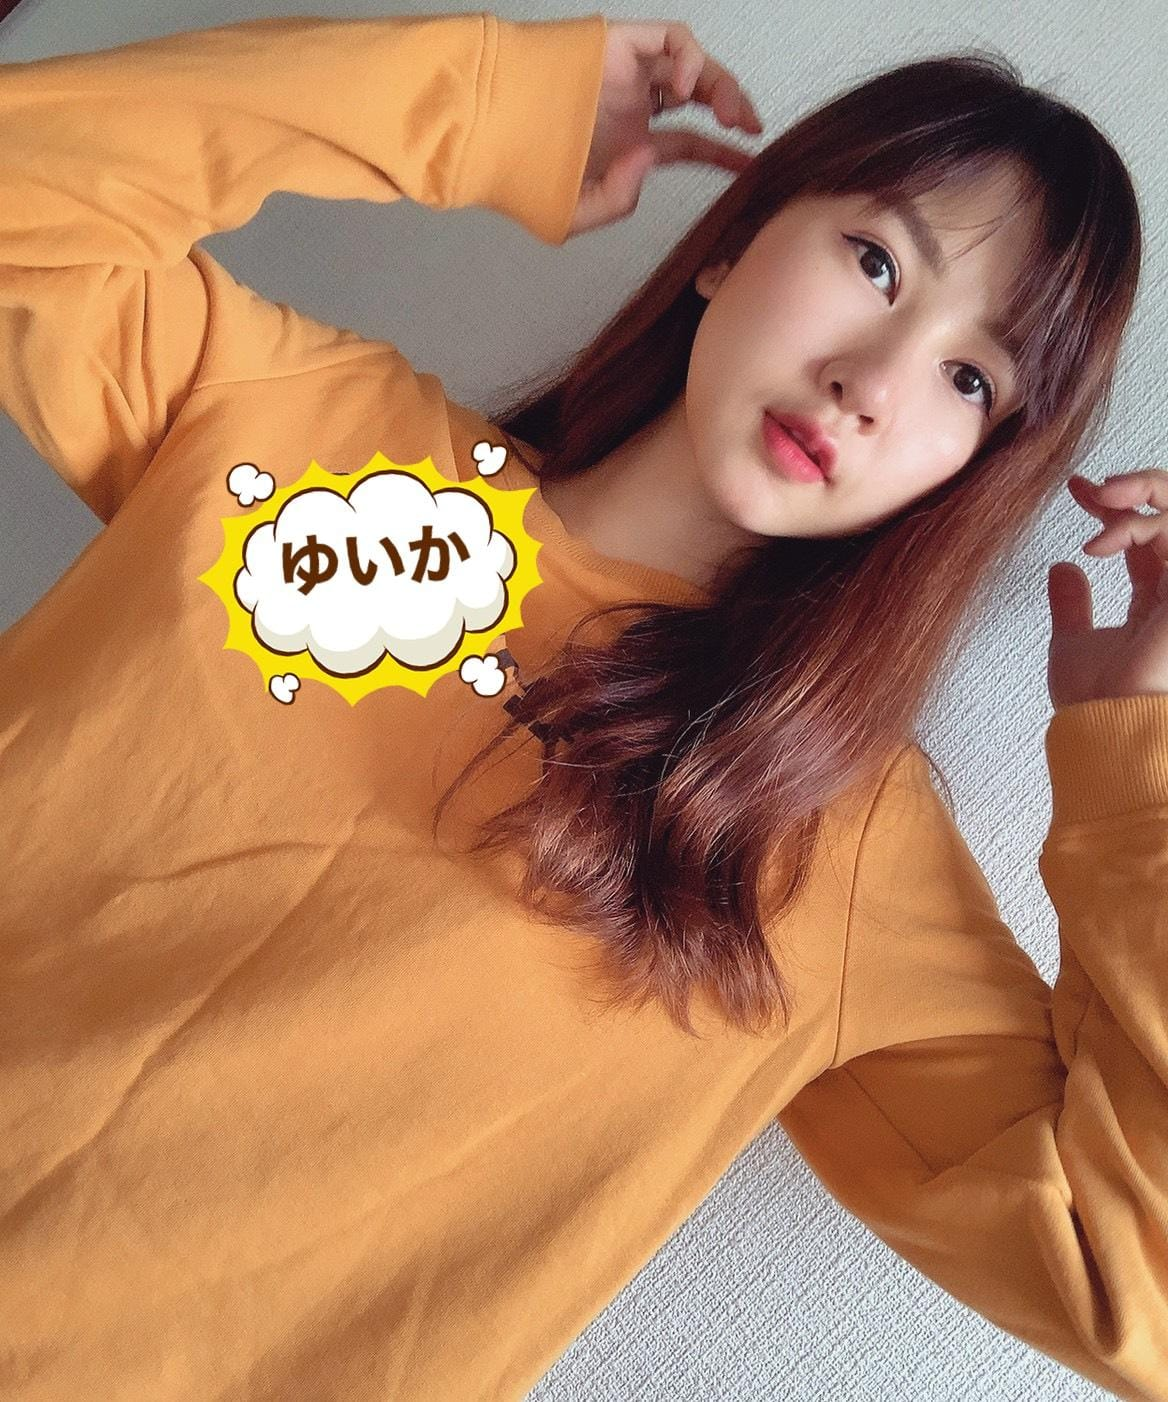 「元気のユイカ」07/14(火) 10:42 | ゆいかの写メ・風俗動画